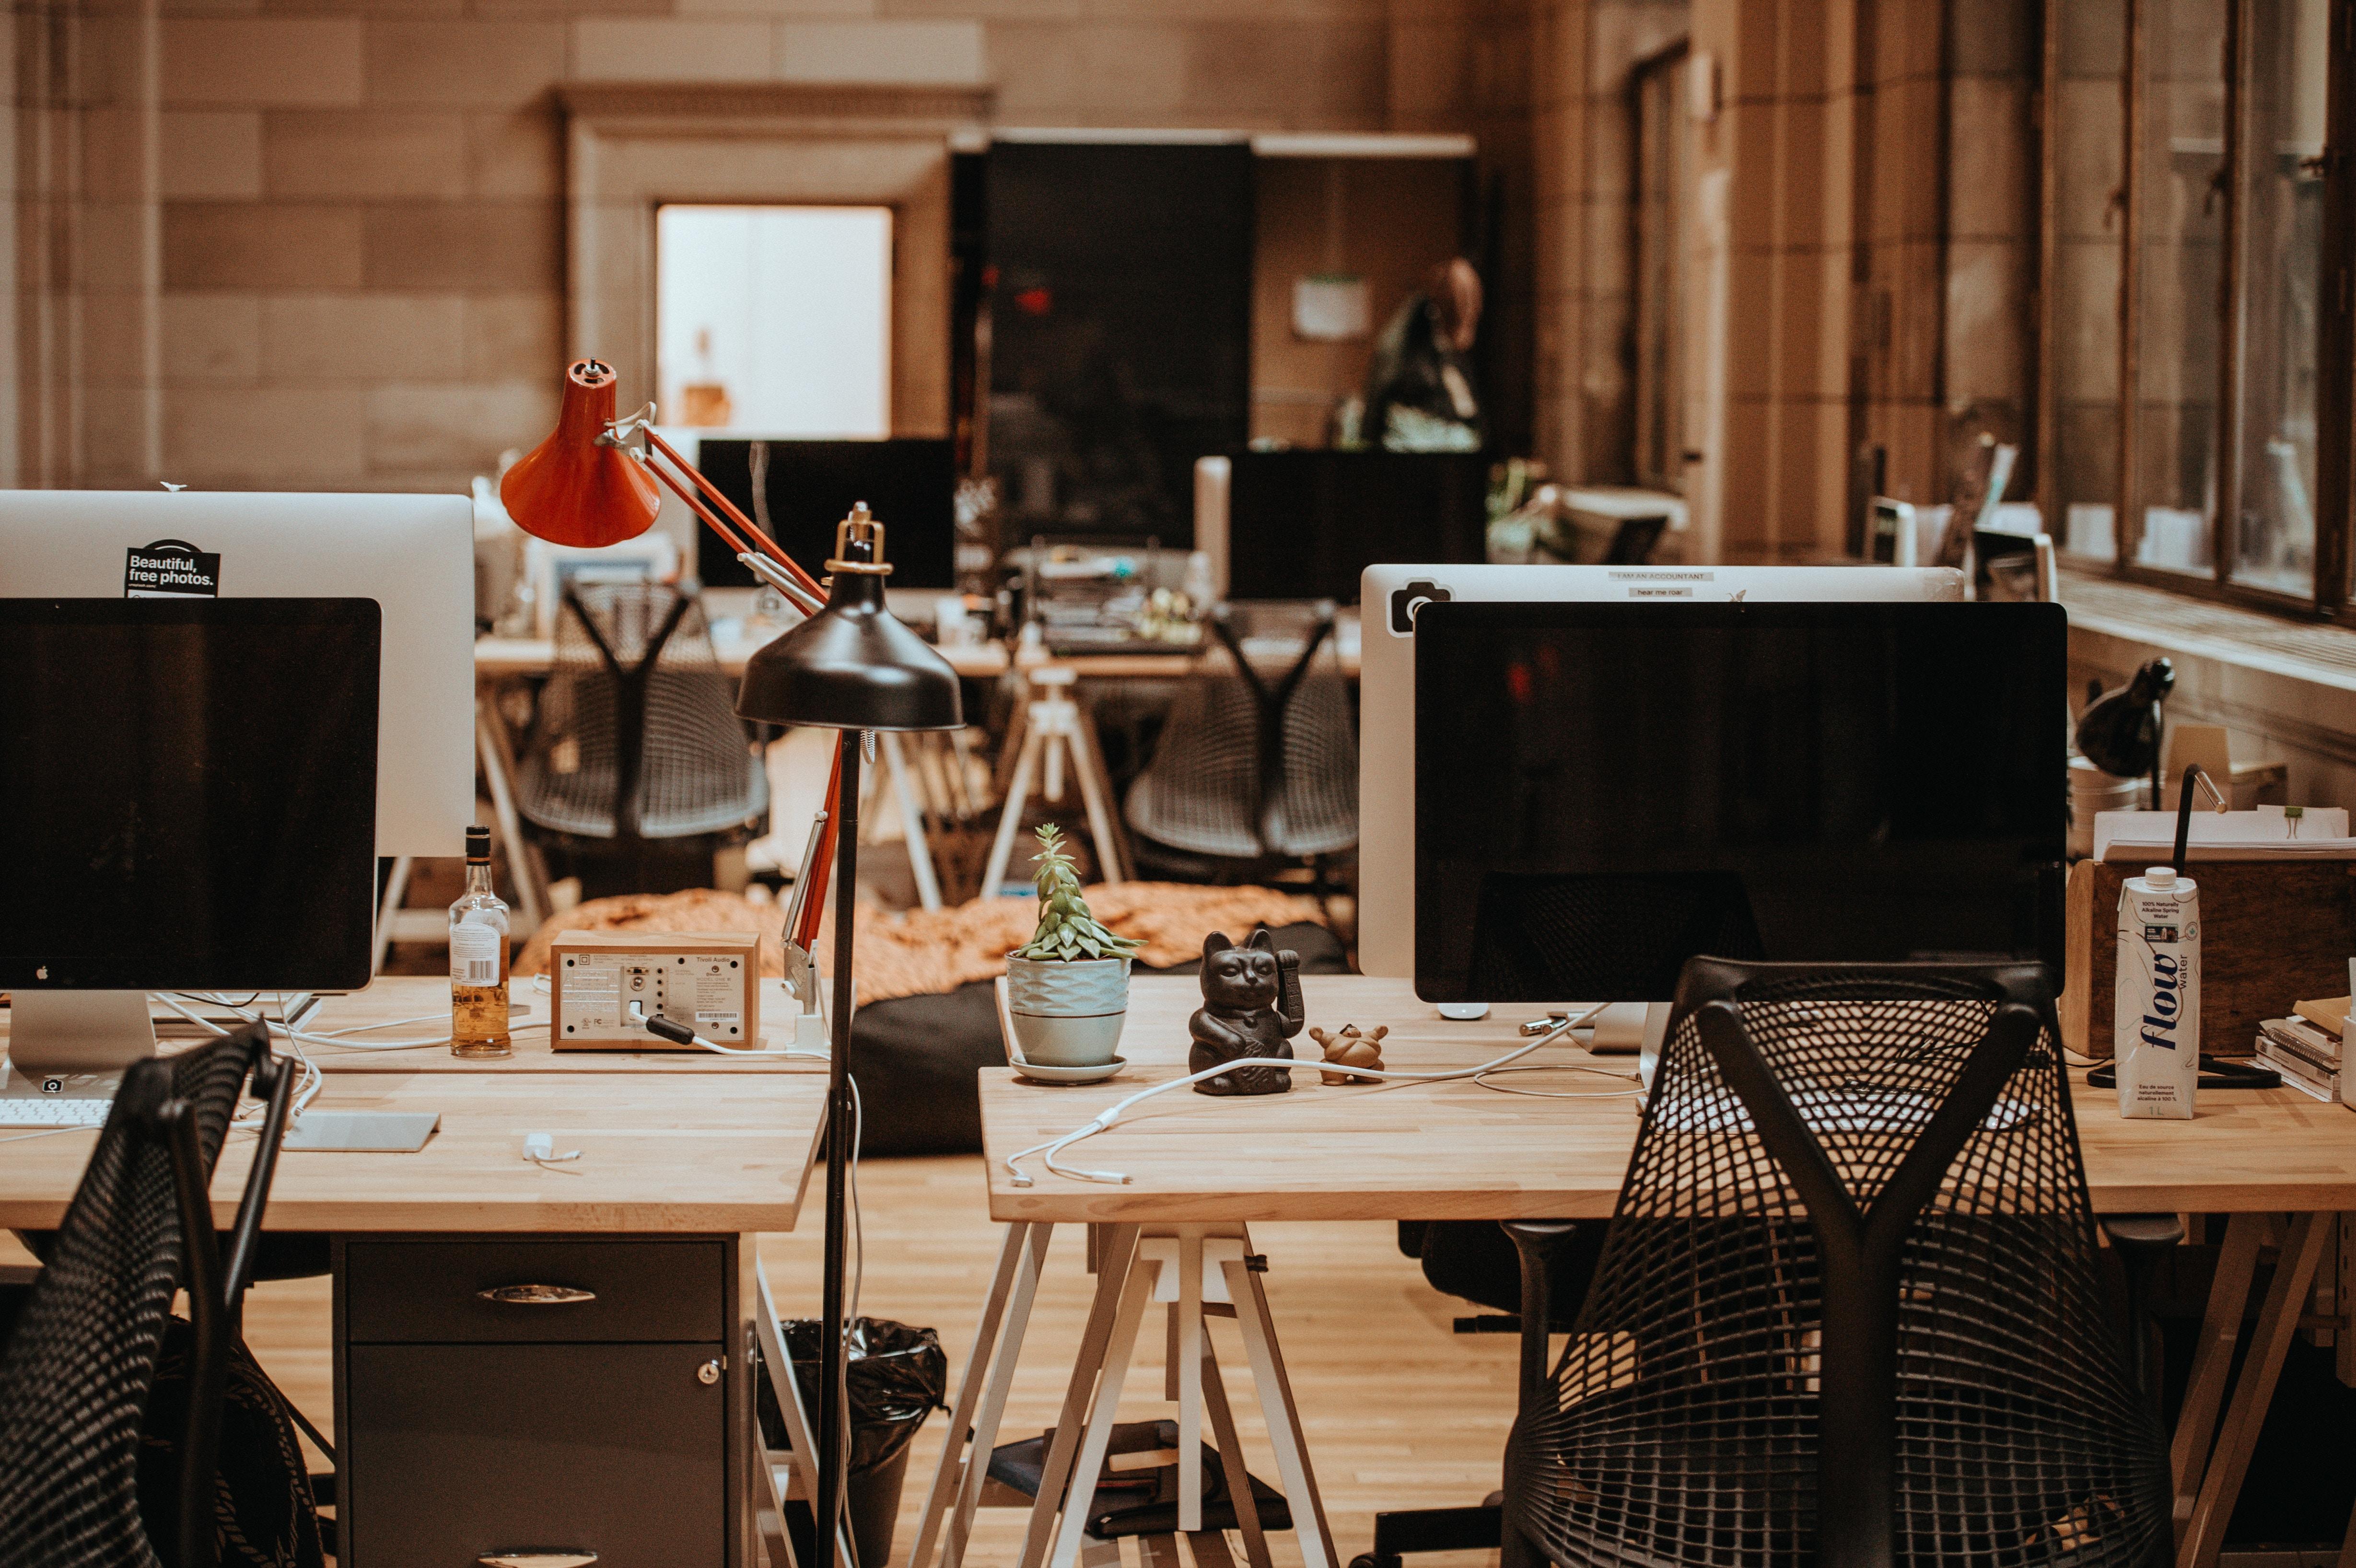 Votre lieu de travail comme votre lieu de vie